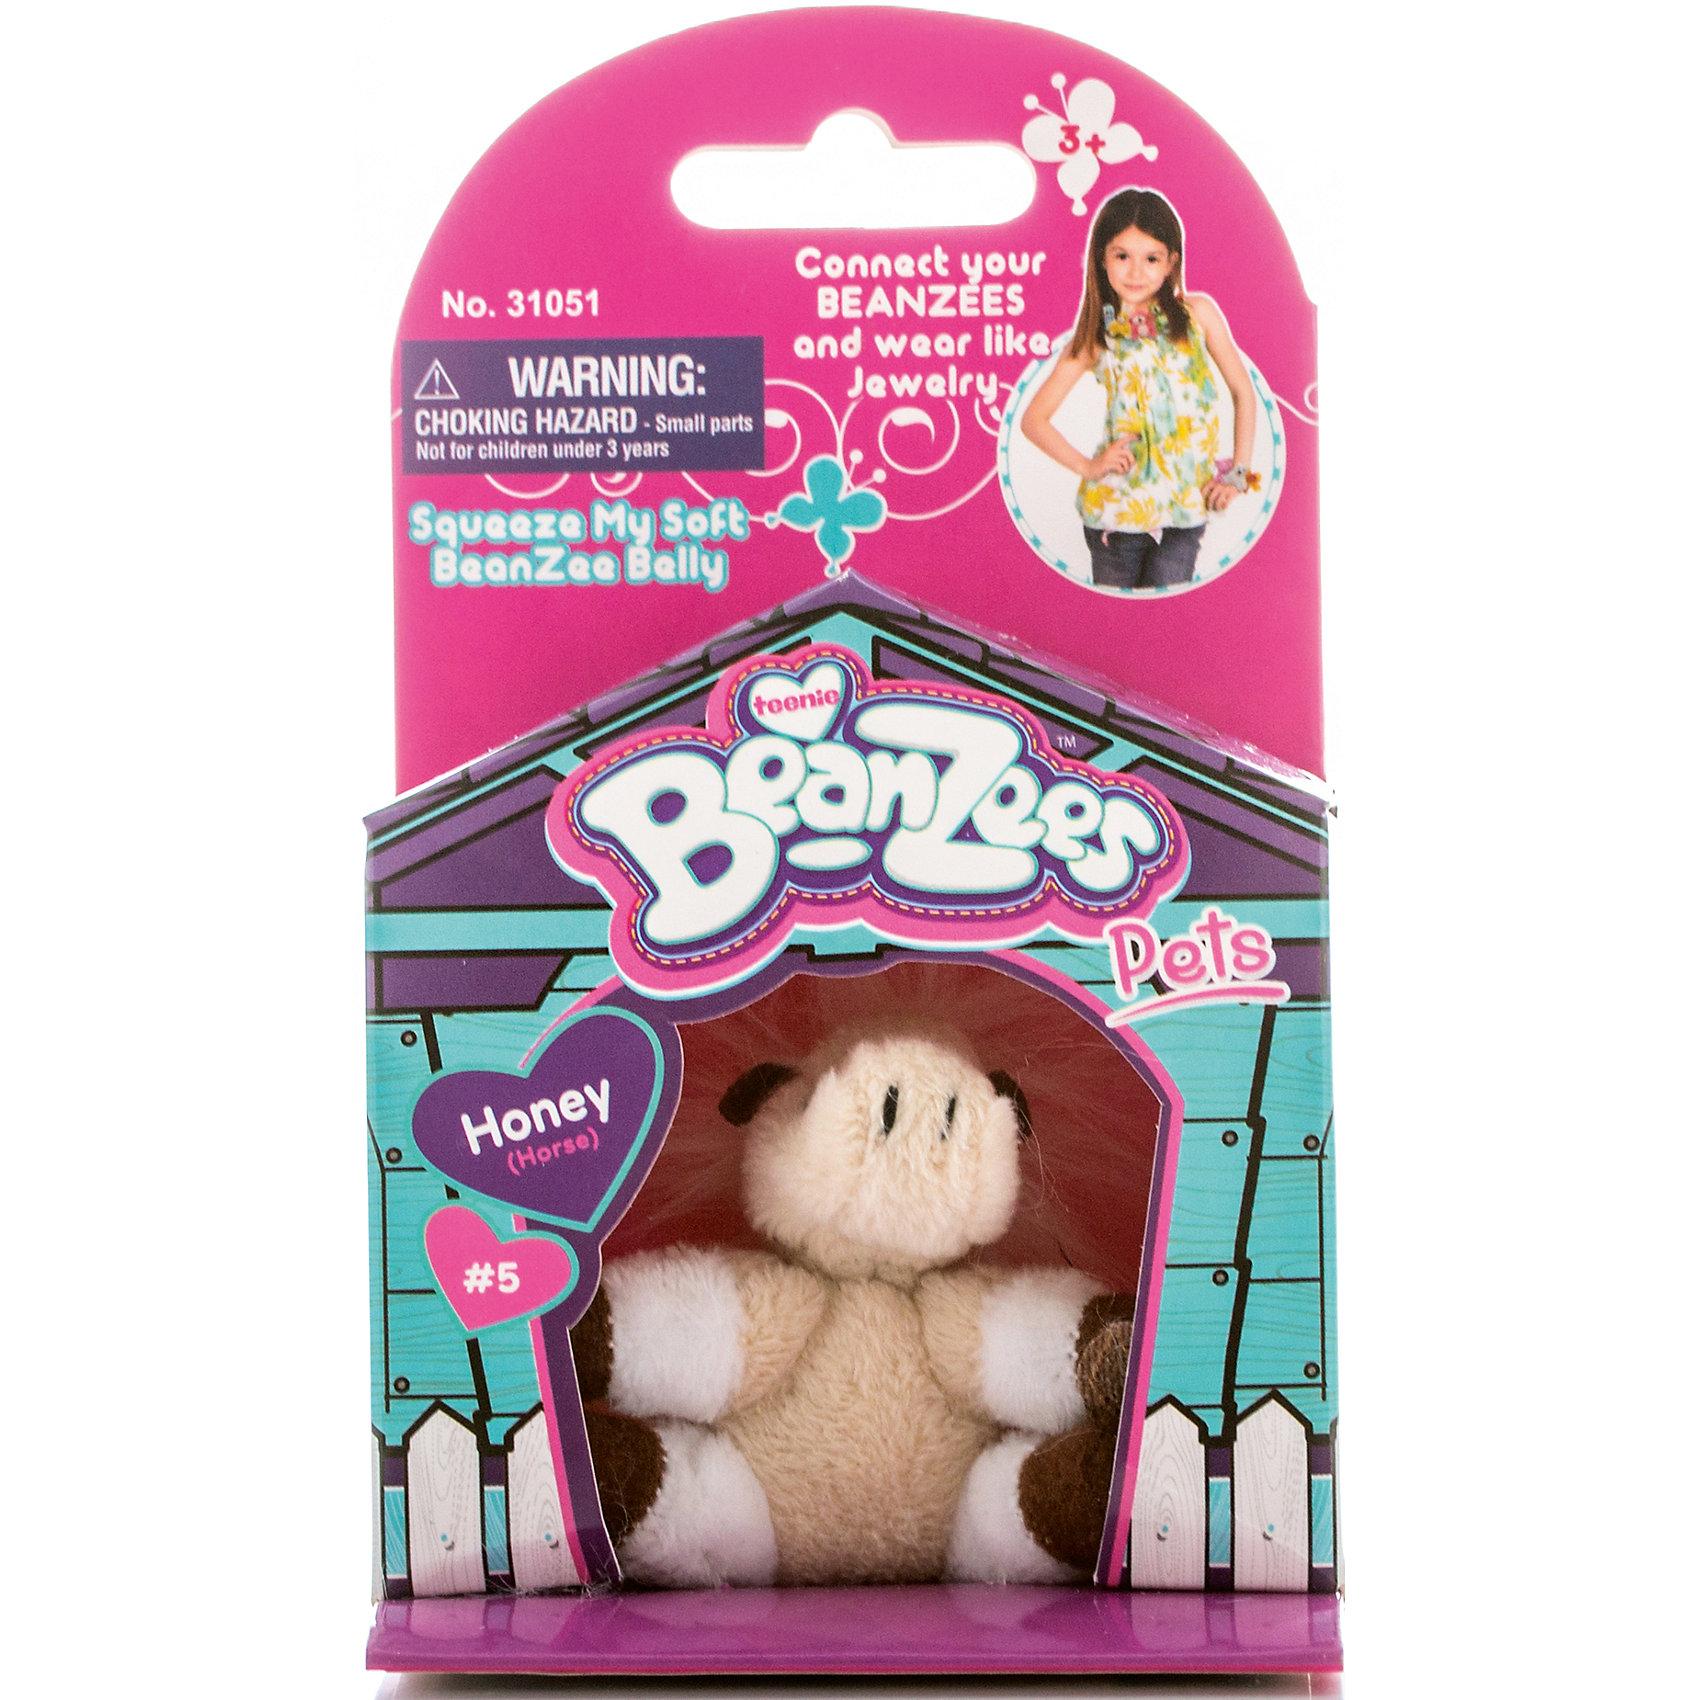 Мини-плюш Лошадь, BeanzeezМягкие игрушки животные<br>Характеристики товара:<br><br>• особенности: наличие на лапках липучек, игрушку можно соединять с другими героями из серии<br>• материал: пластик, текстиль<br>• размер упаковки: 9х5,5х14,5 см.<br>• высота игрушки: 5 см<br>• возраст: от 3 лет<br>• страна бренда: США<br>• страна производства: Китай<br><br>Такая симпатичная игрушка не оставит ребенка равнодушным! Какой малыш откажется поиграть с маленькими плюшевыми игрушками из большой пушистой коллекции?! Игрушки очень качественно выполнены, поэтому такая фигурка станет отличным подарком ребенку. Благодаря липучкам на лапках животных можно соединить между собой. Дети приходят в восторг от этих игрушек!<br>Такие предметы помогают ребенку отрабатывать новые навыки и способности - развивать ловкость, мелкую моторику, воображение, мышление, логику. Изделие производится из качественных сертифицированных материалов, безопасных даже для самых маленьких.<br><br>Мини-плюш Лошадь от бренда Beanzeez можно купить в нашем интернет-магазине.<br><br>Ширина мм: 50<br>Глубина мм: 140<br>Высота мм: 85<br>Вес г: 73<br>Возраст от месяцев: 36<br>Возраст до месяцев: 2147483647<br>Пол: Женский<br>Возраст: Детский<br>SKU: 5218683